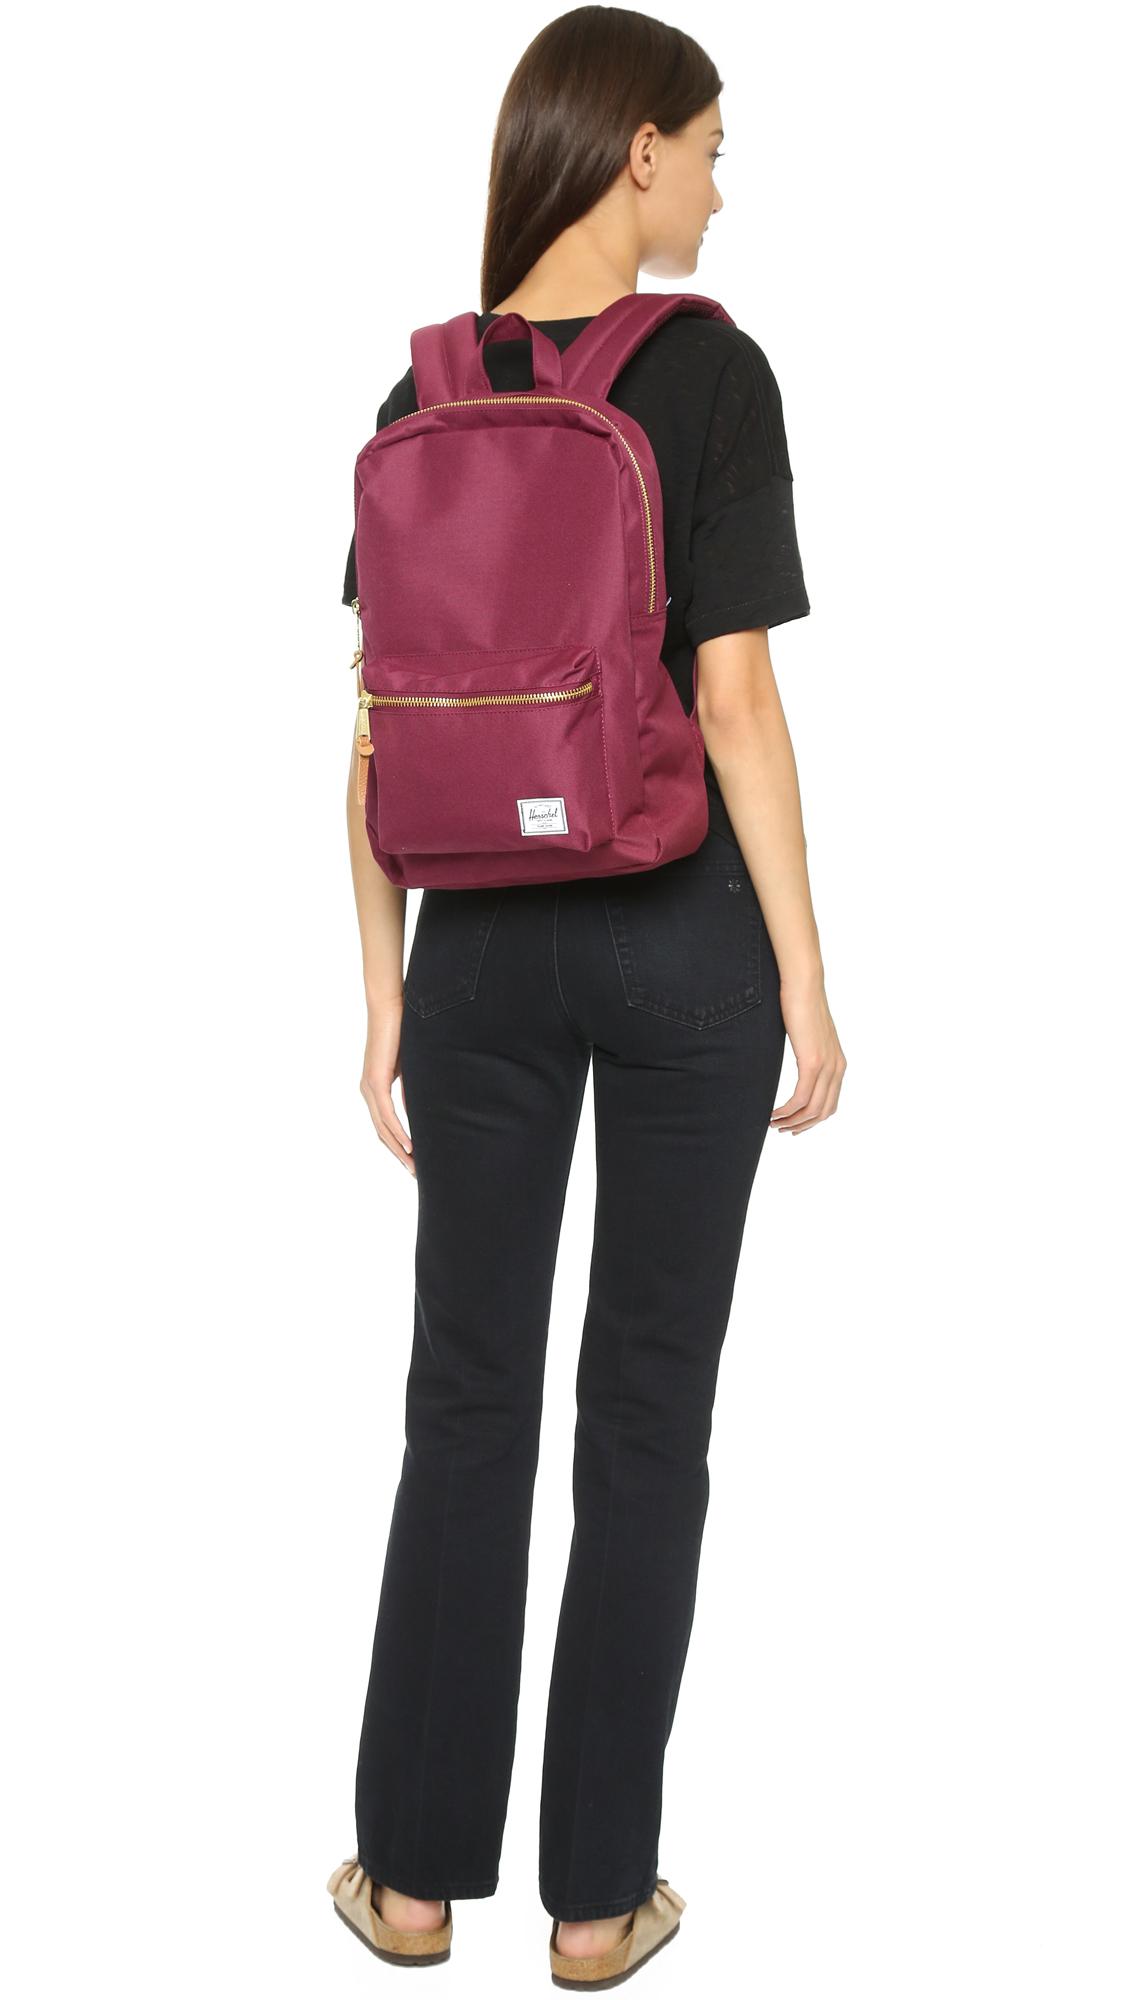 dec67a0a5ea Herschel Supply Co. Settlement Backpack - Windsor Wine in Purple - Lyst